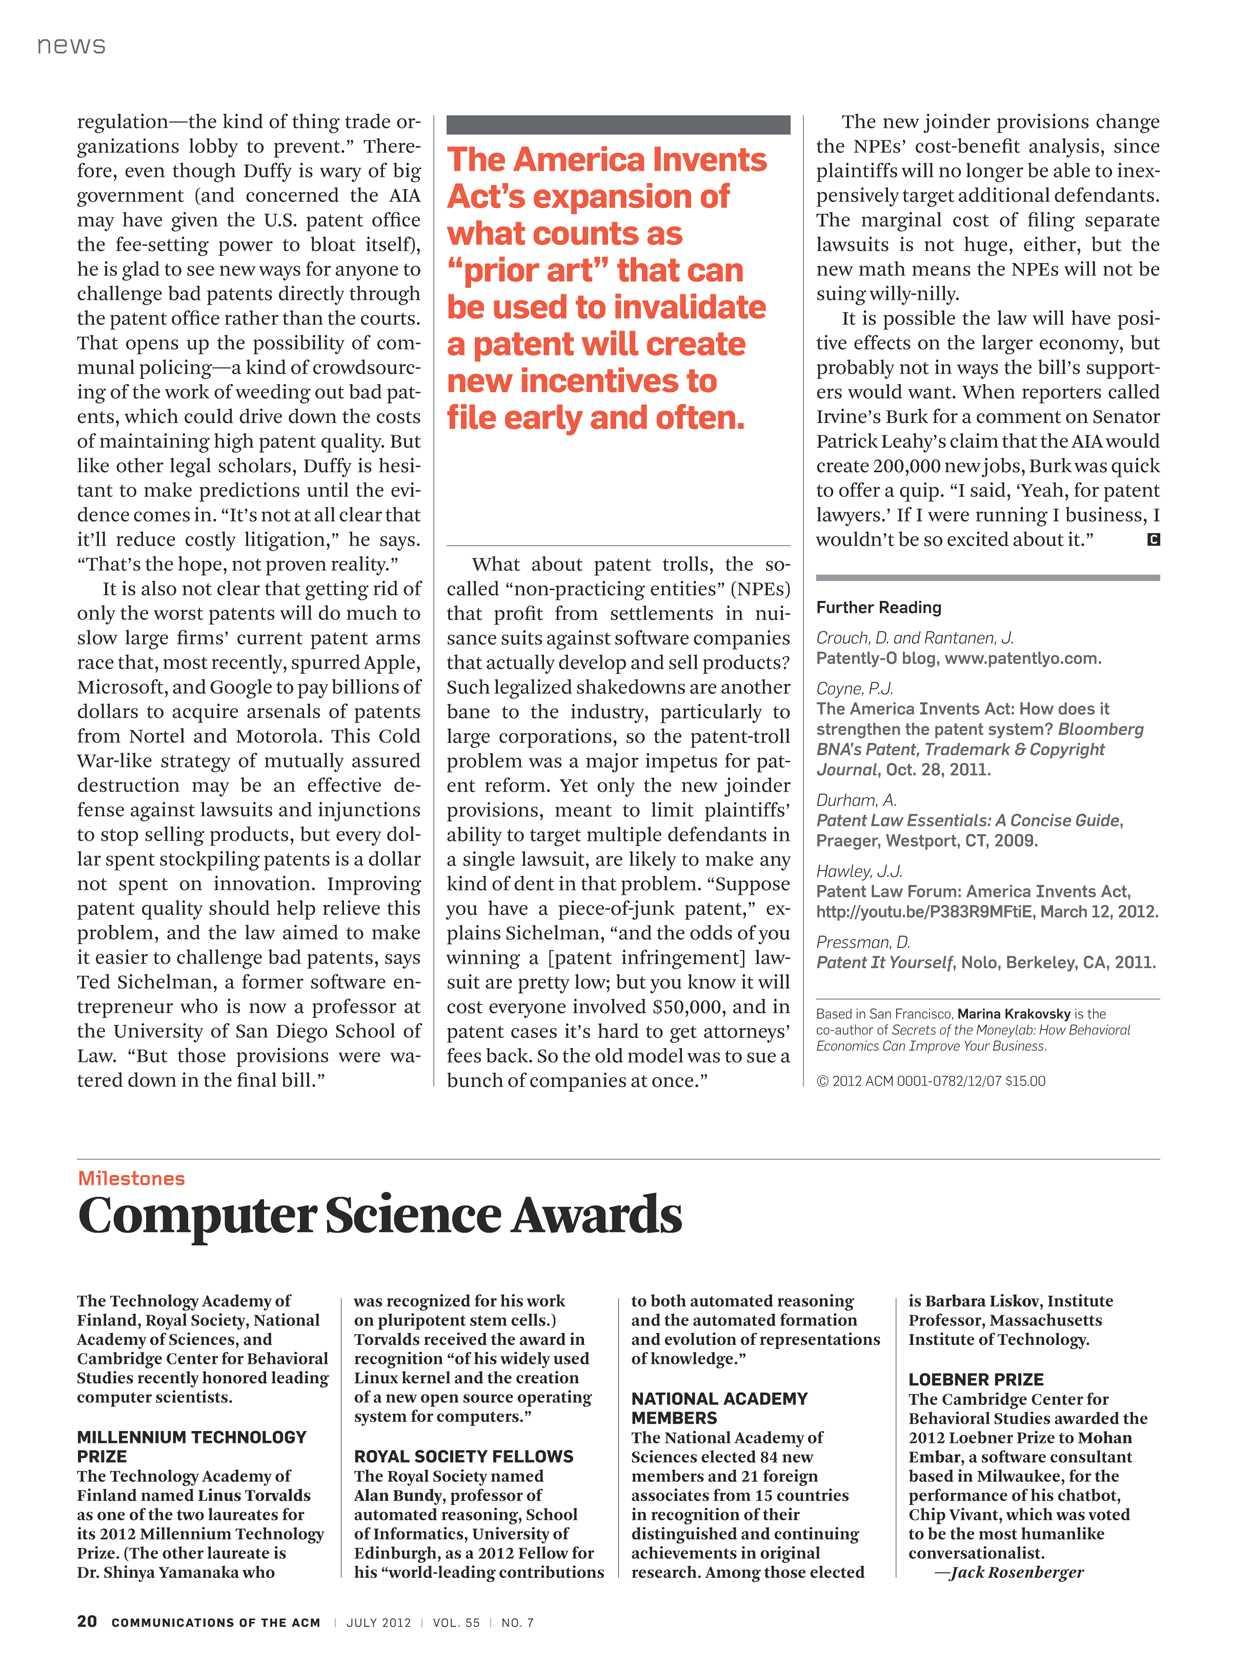 Communications July 2012 Page 20